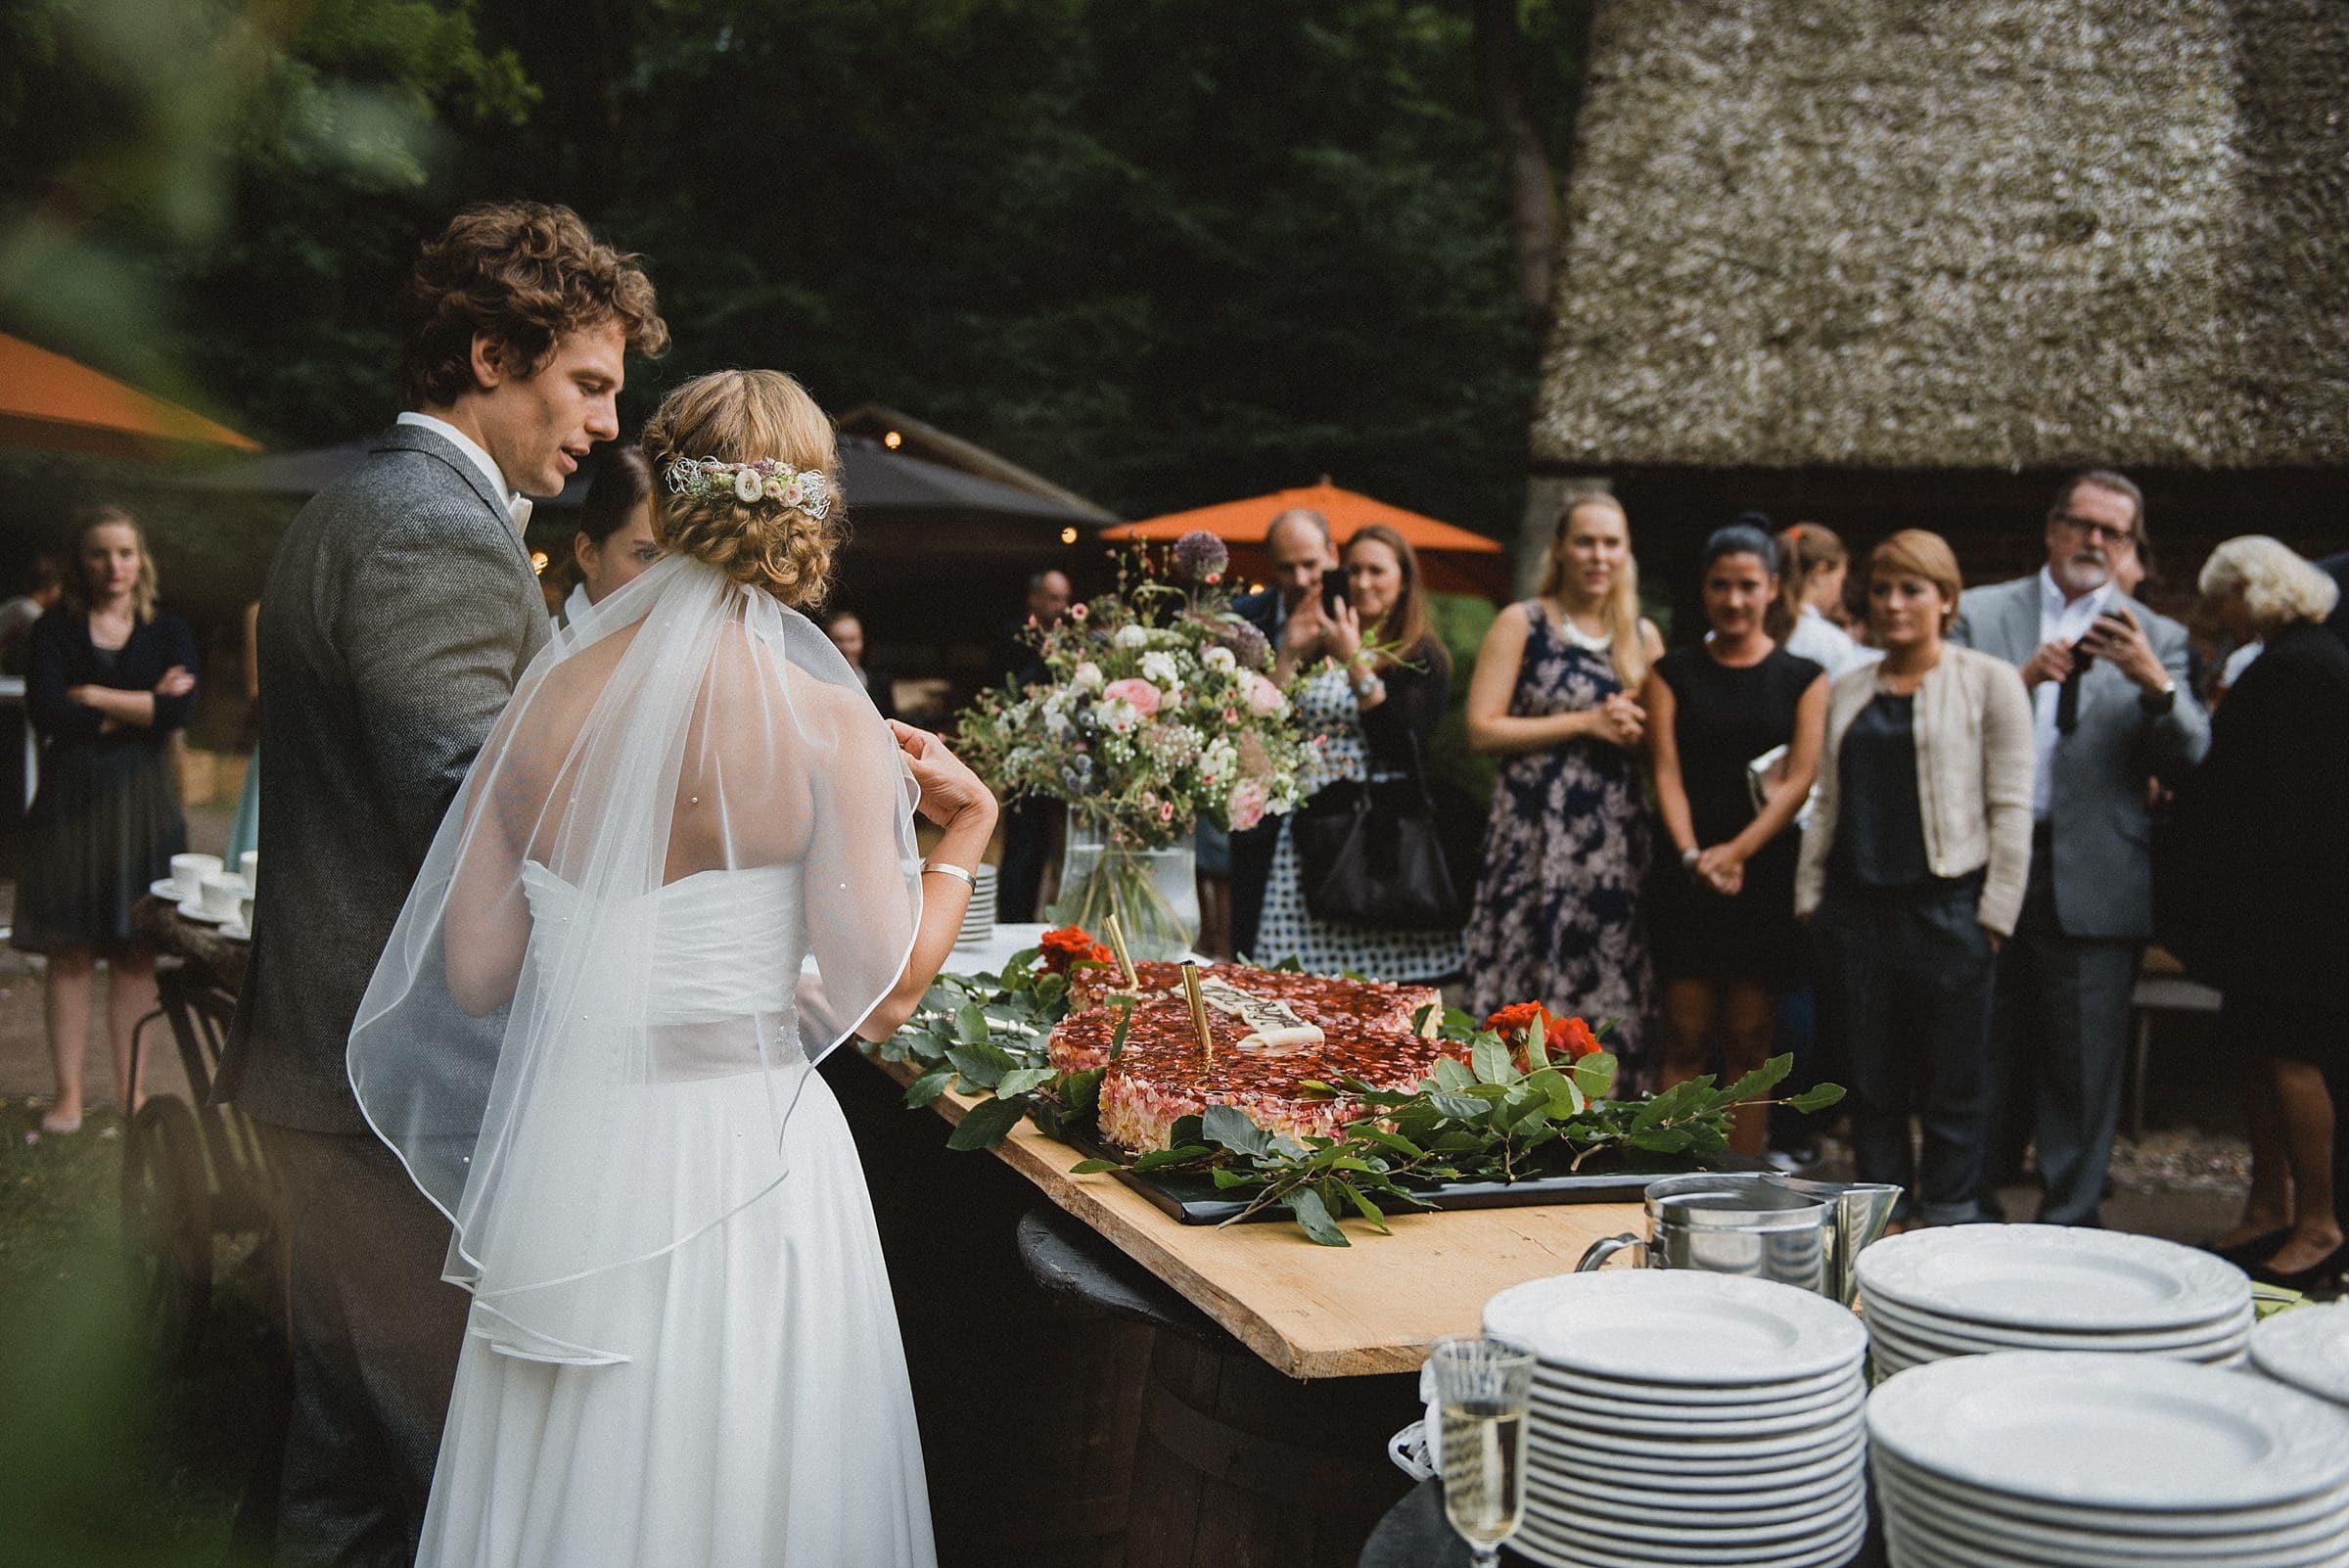 Hochzeitsfotografie-Frau-Siemers-Hof Weihe-Tortenanschnitt durch das Brautpaar